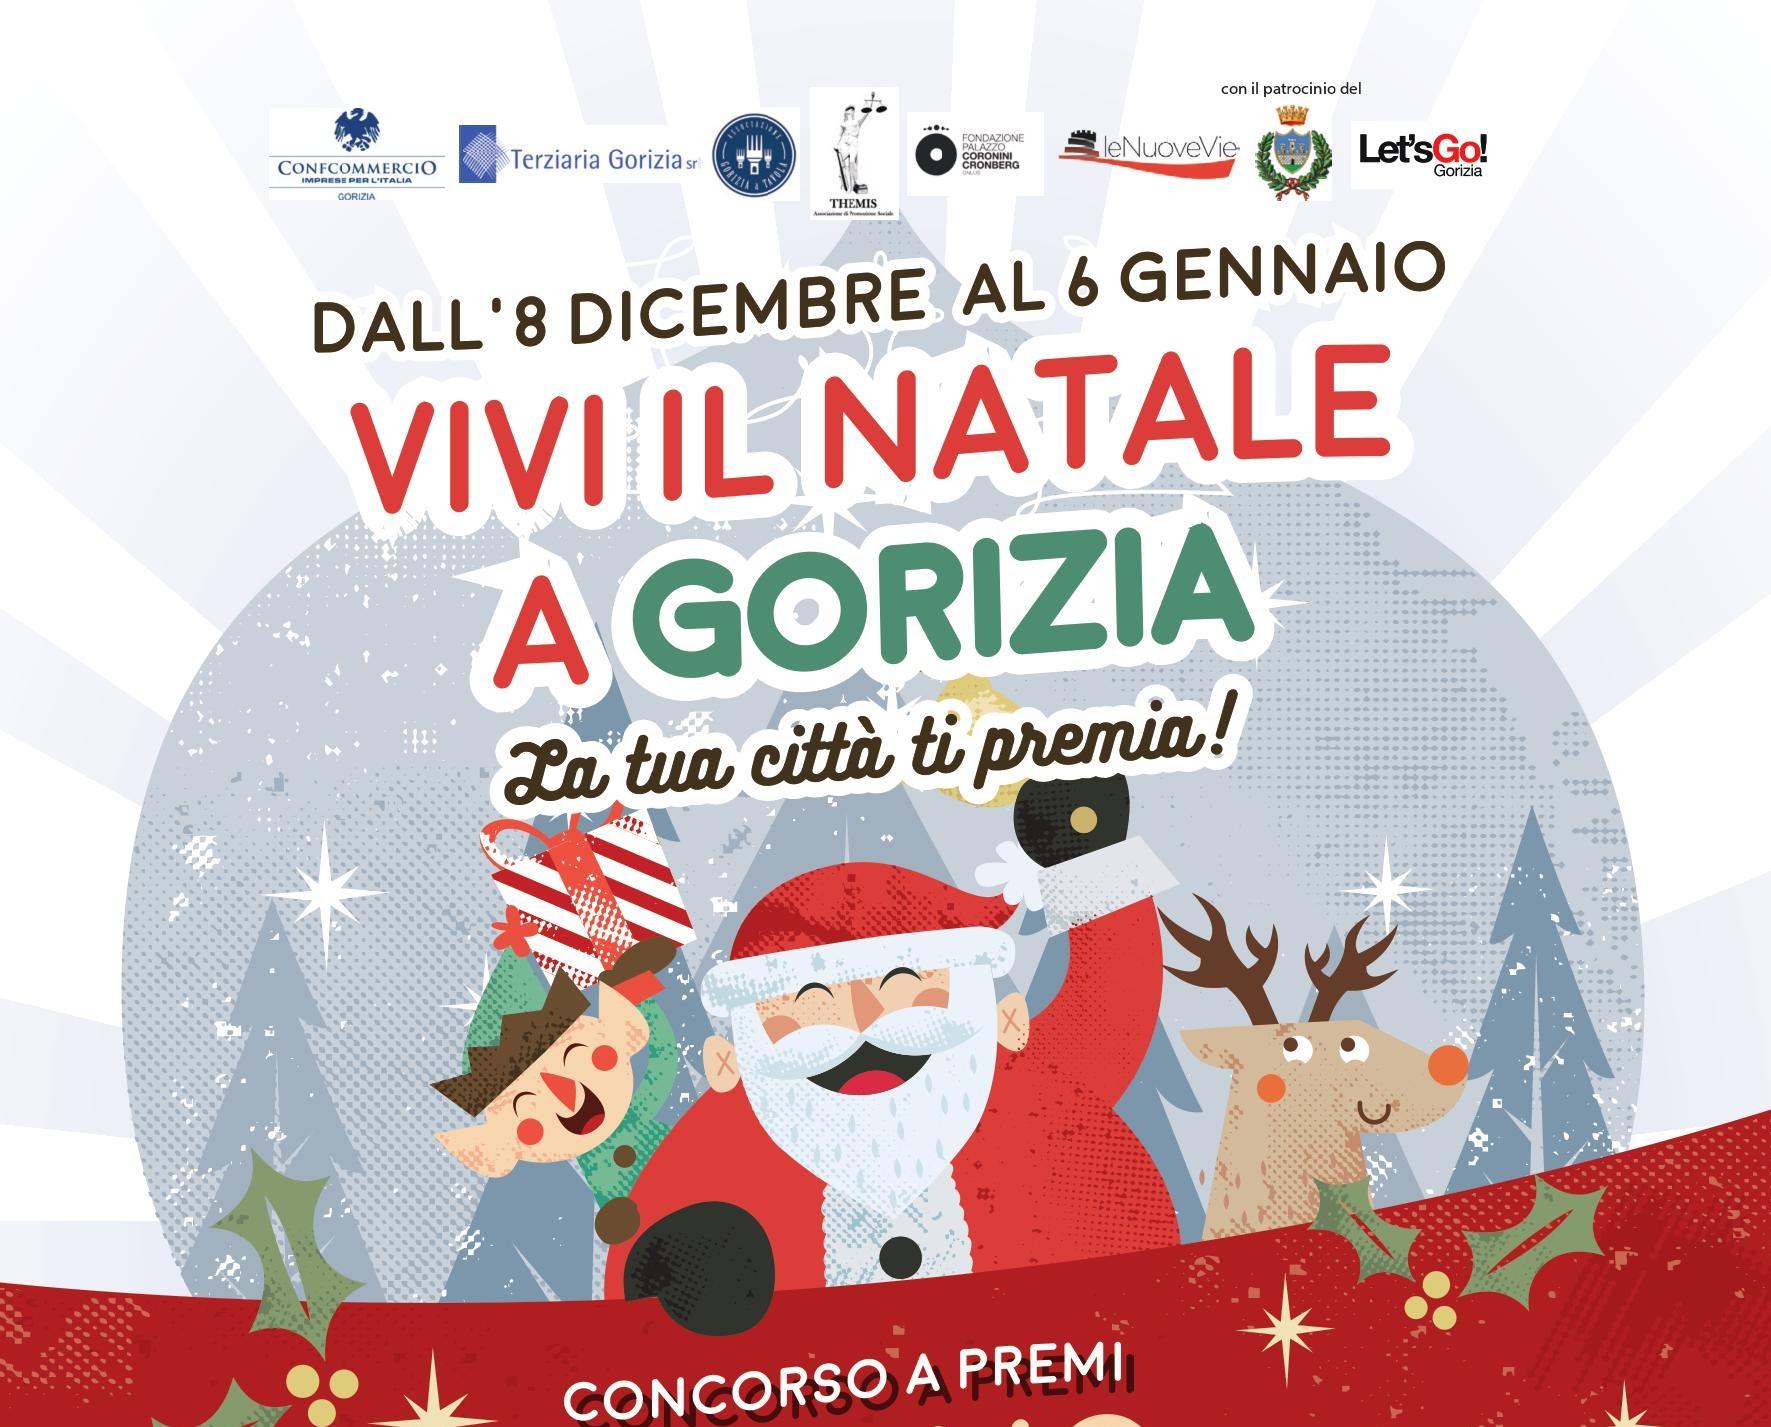 Concorso a premi Gorizia Vivi il Natale a Gorizia, la tua città ti premia!